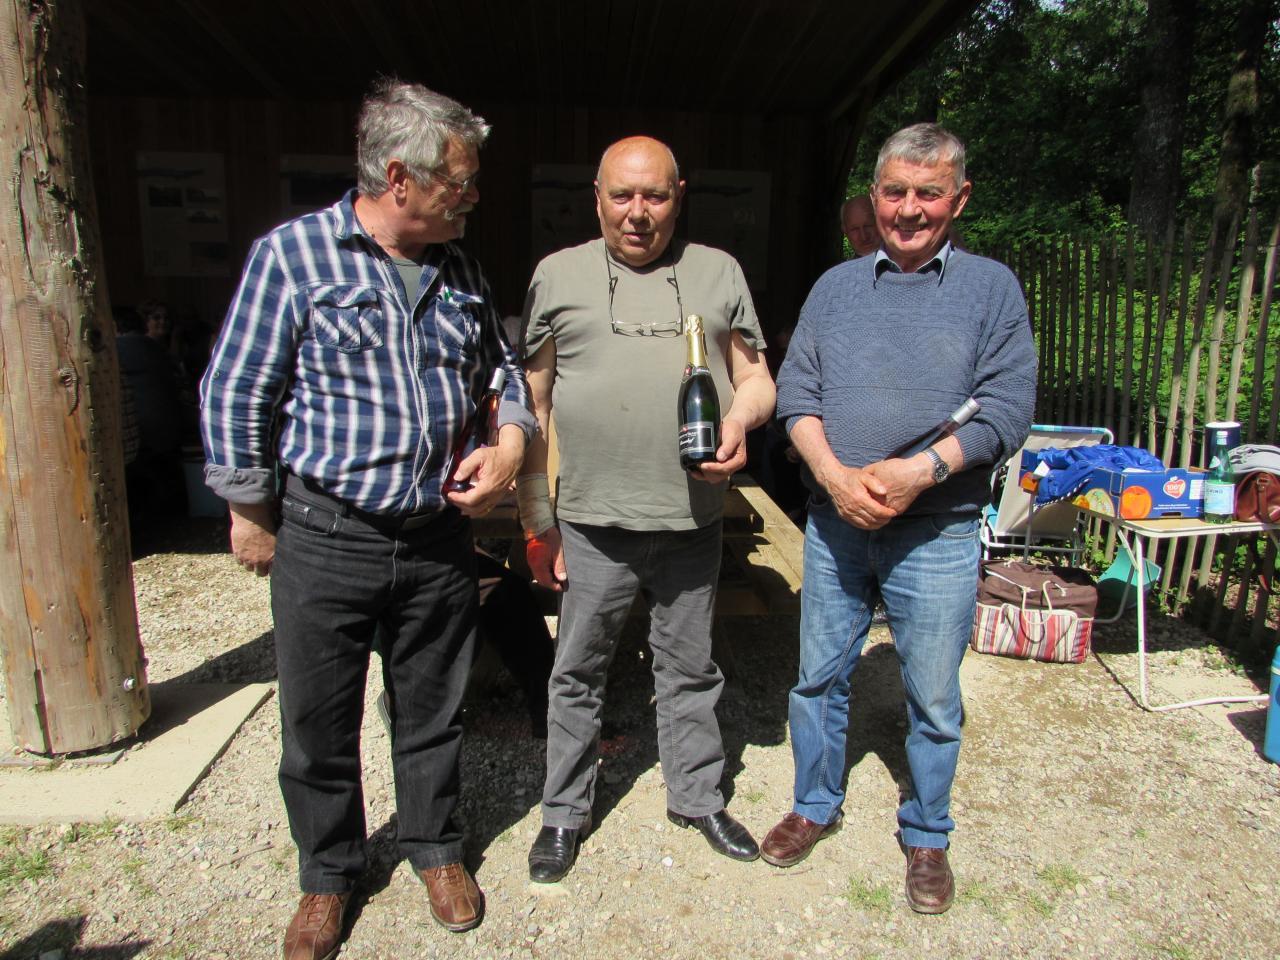 Ils sont arrivés à la deuxième place : Jacques, Jean Claude et François